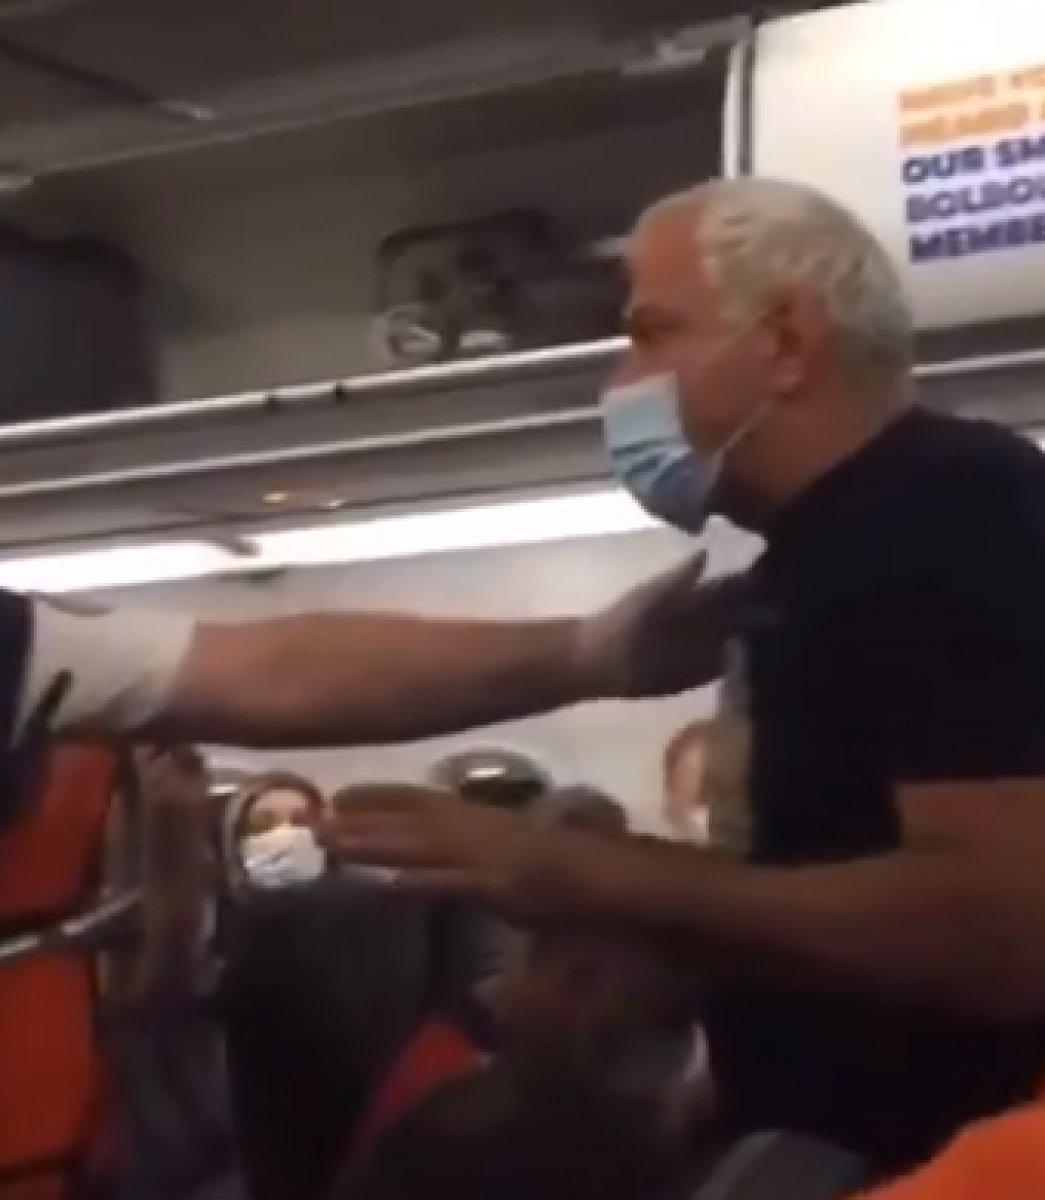 İstanbul-Trabzon seferinde gergin anlar: Pilot uçağı kaldırmadı #1